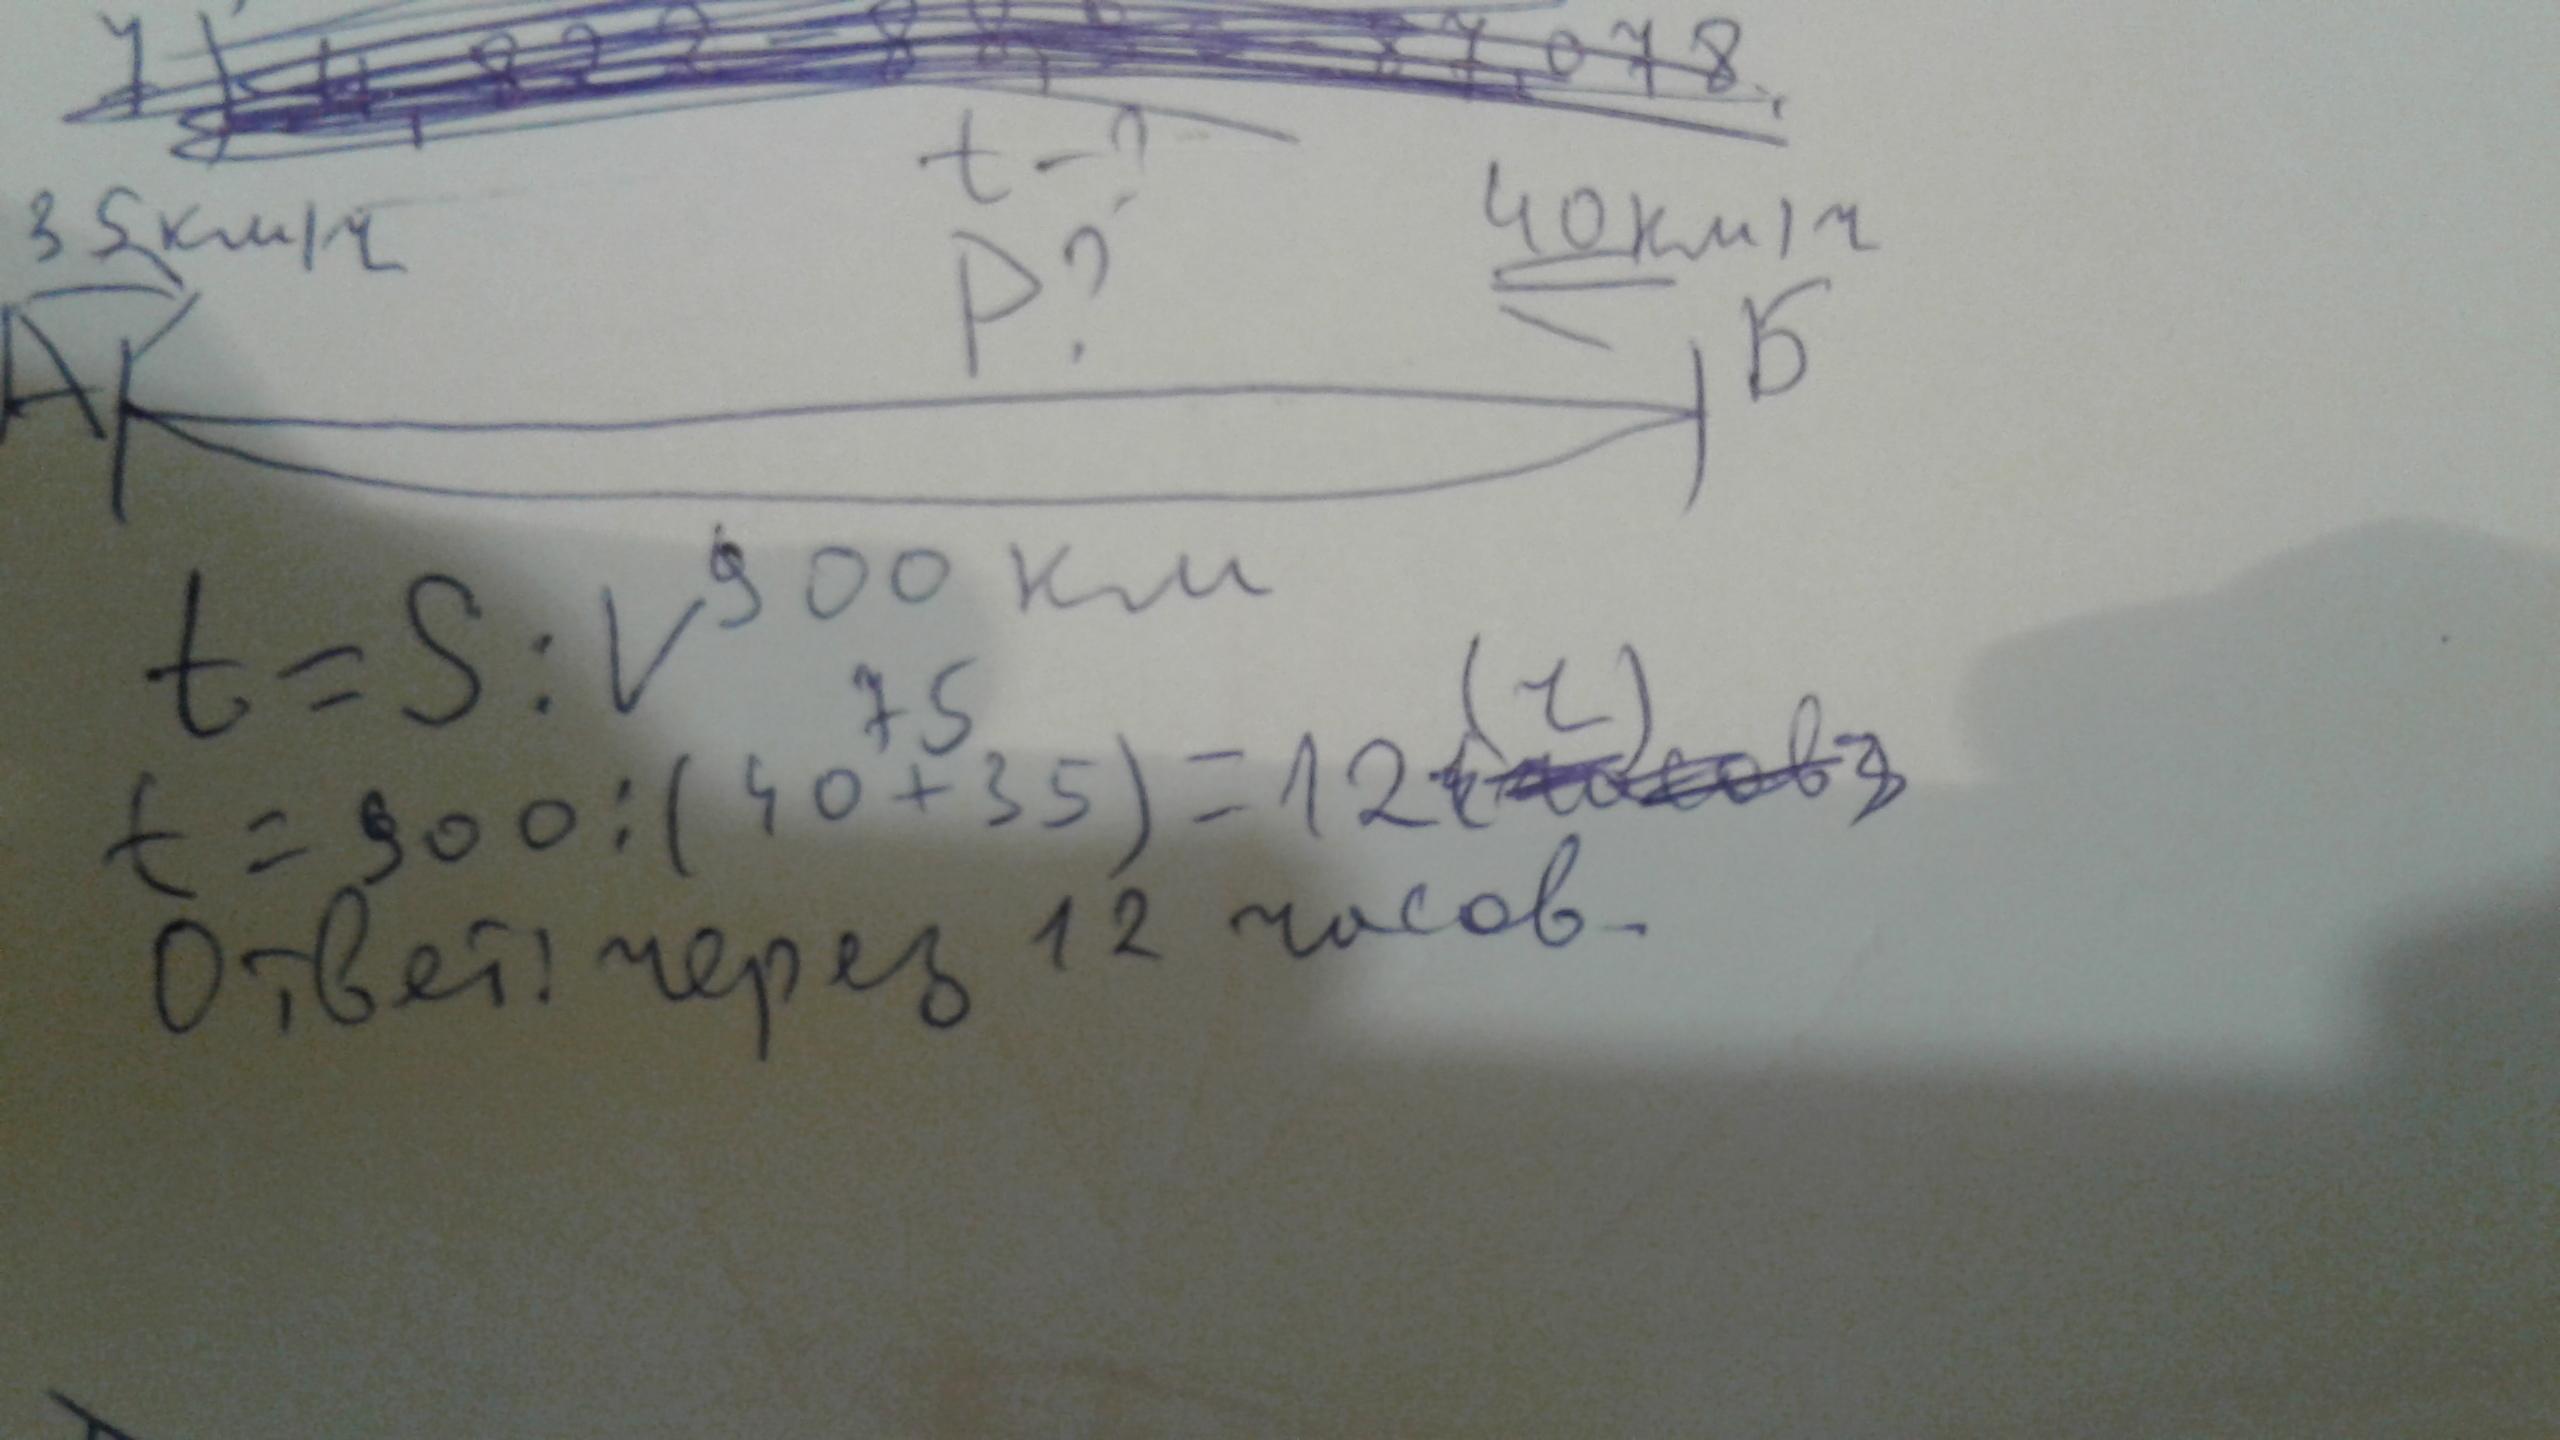 Реши задачу с выражением высшая математика решение задач в минске